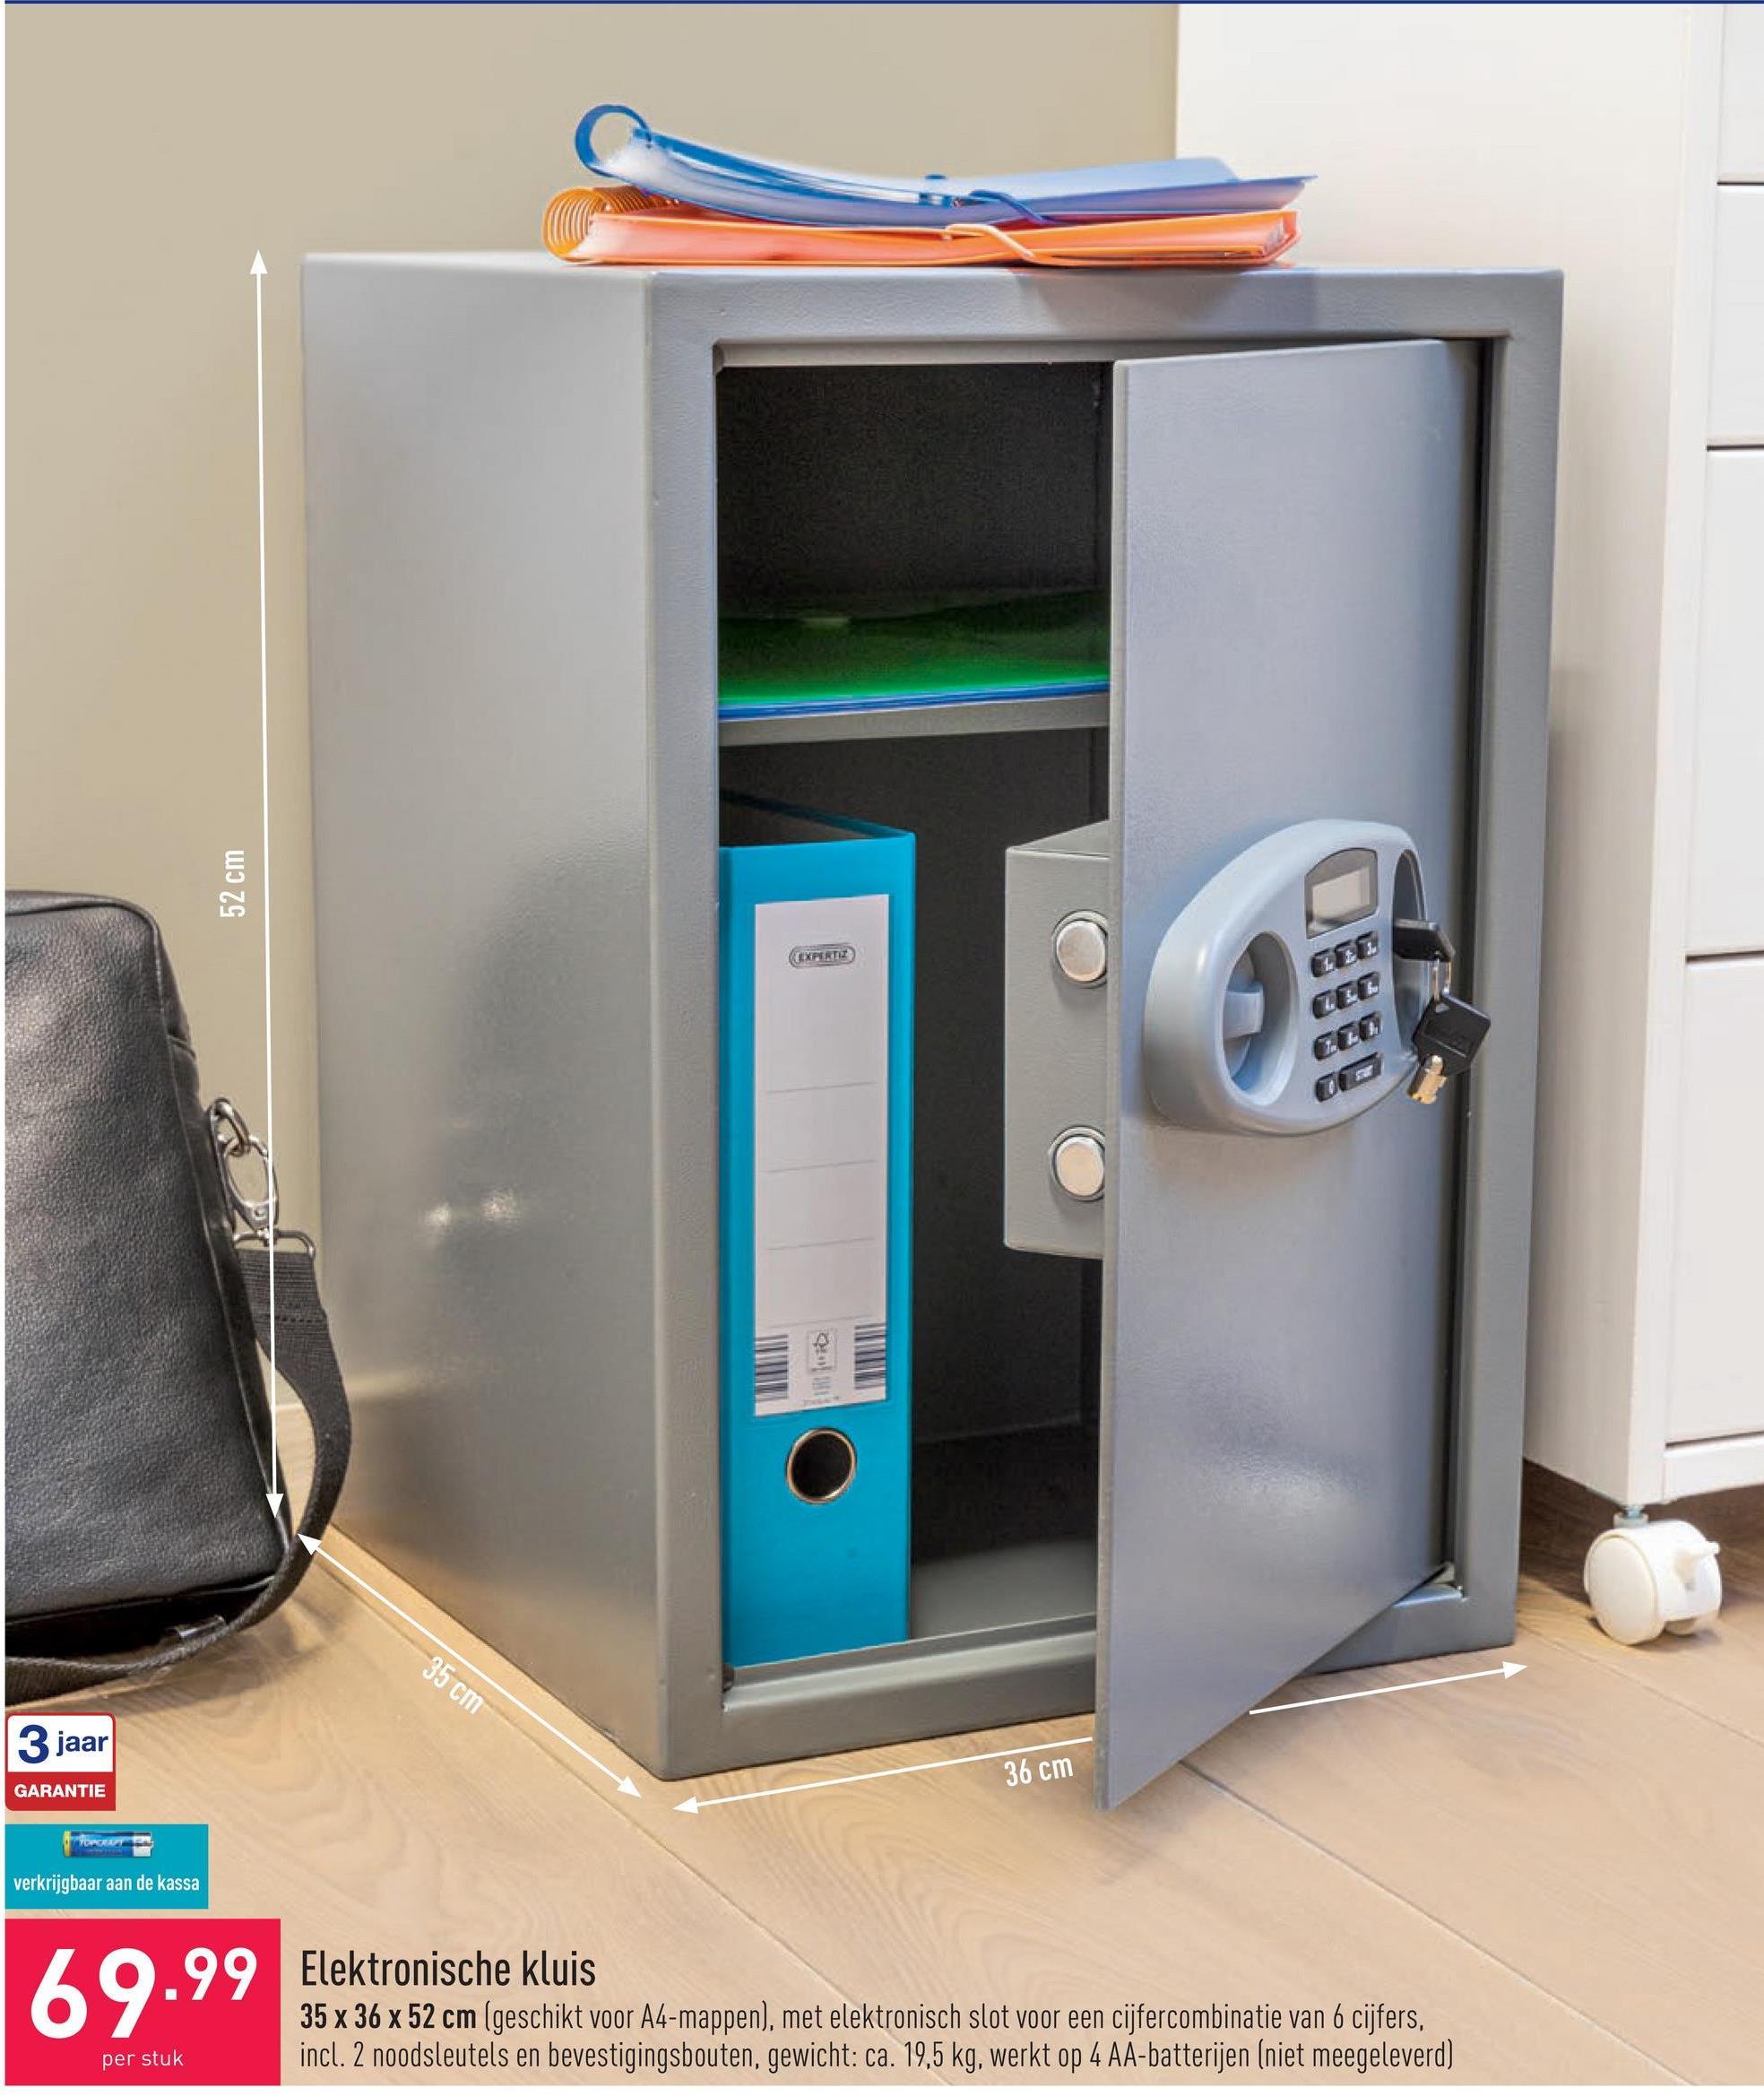 Elektronische kluis 35 x 36 x 52 cm (geschikt voor A4-mappen), met elektronisch slot voor een cijfercombinatie van 6 cijfers, incl. 2 noodsleutels en bevestigingsbouten, gewicht: ca. 19,5 kg, werkt op 4 AA-batterijen (niet meegeleverd)